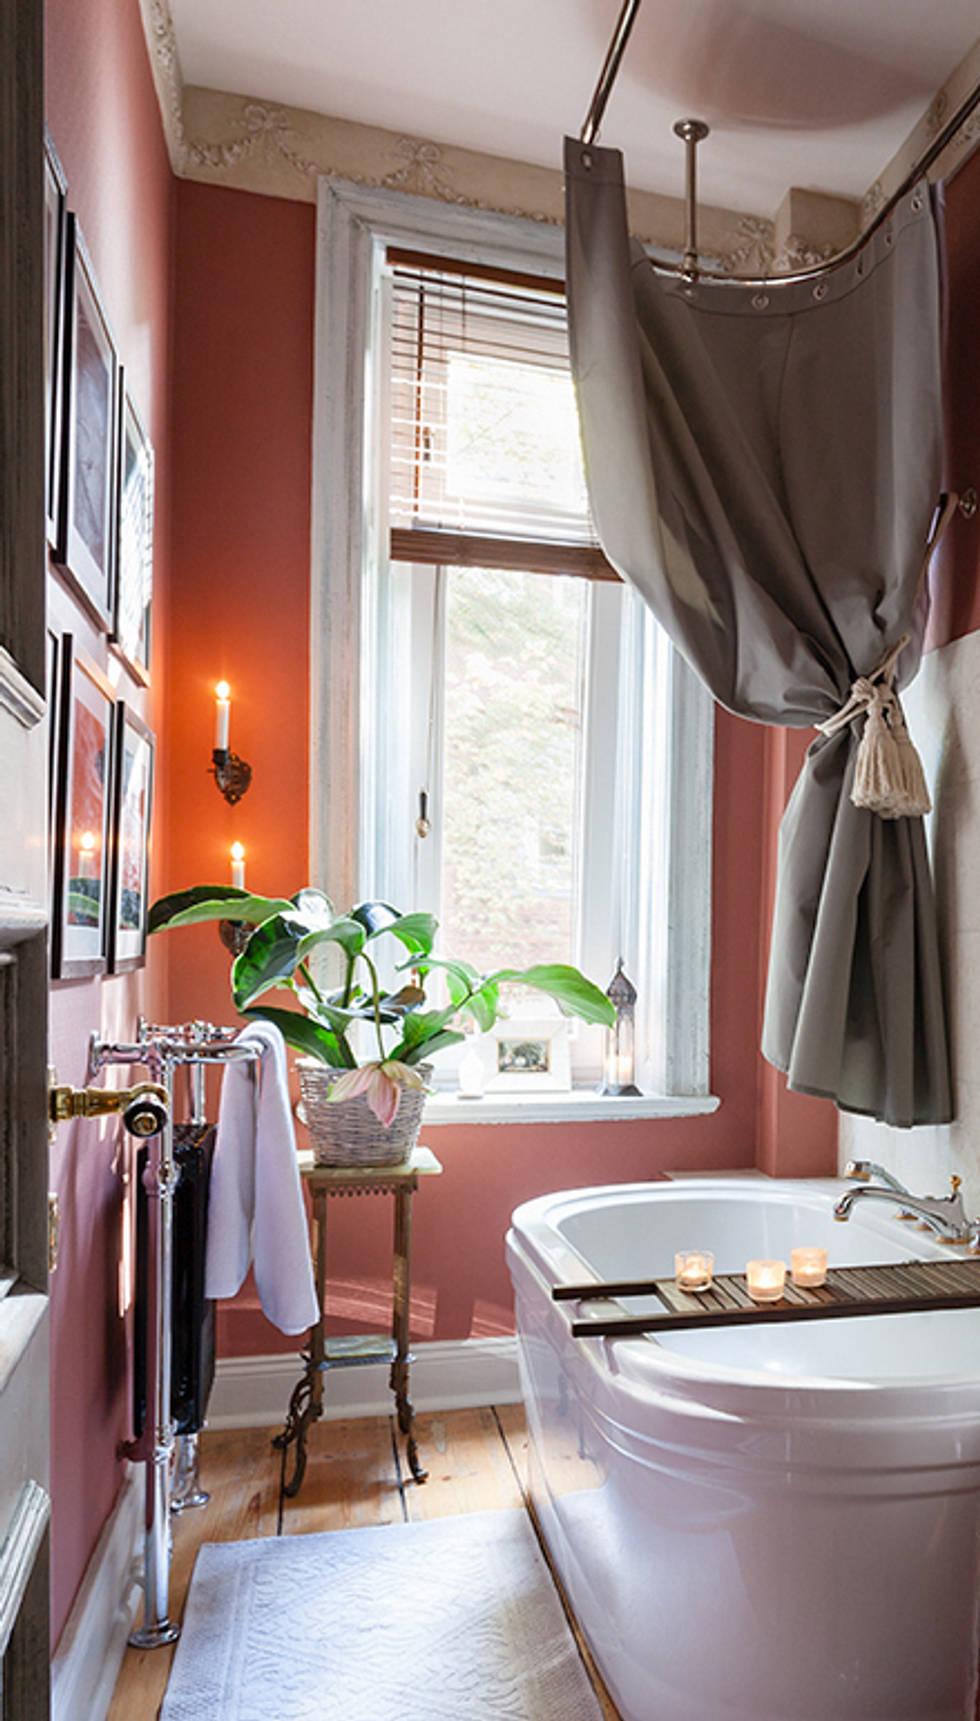 26 fantastische Ideen für kleine Badezimmer